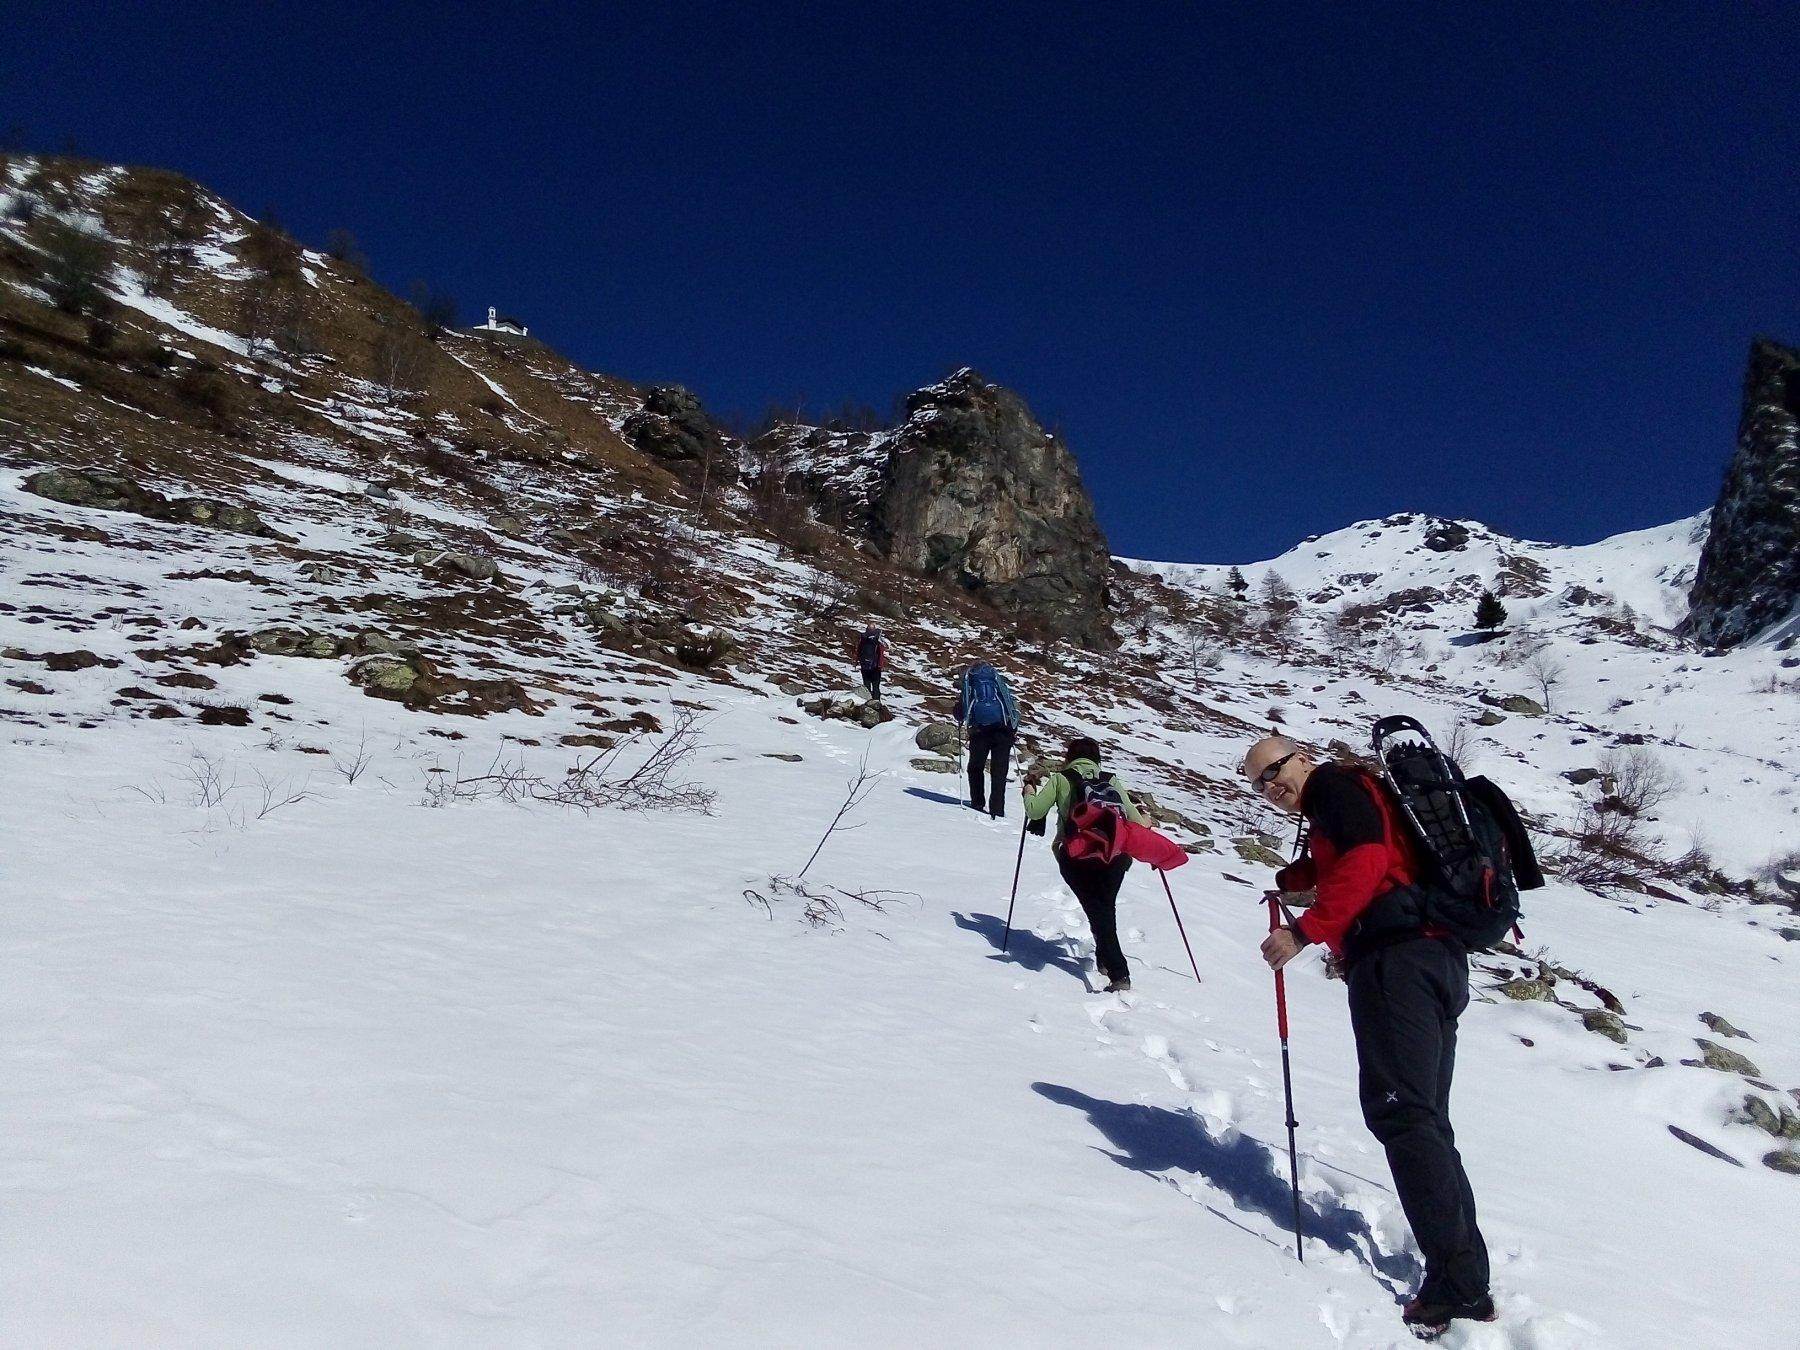 Poco sopra l'alpe Paglia. L'ultimo tratto di sentiero e scalini inizia subito dopo aver aggirato a dx il roccione in centro.